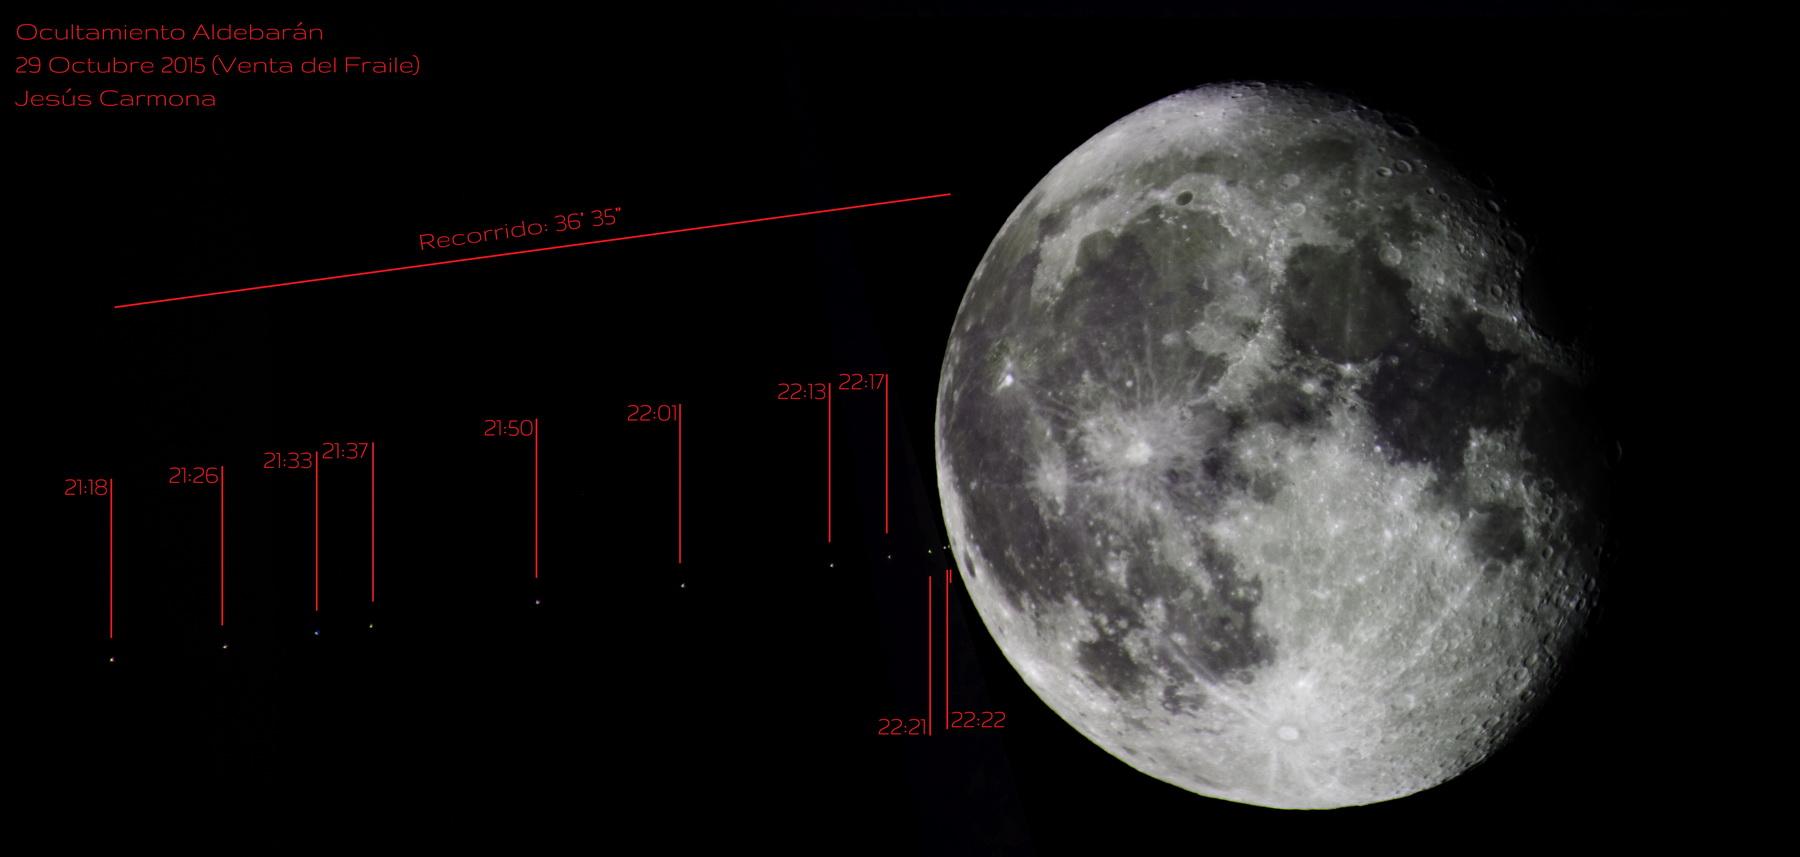 Ocultación de Aldebarán por la Luna